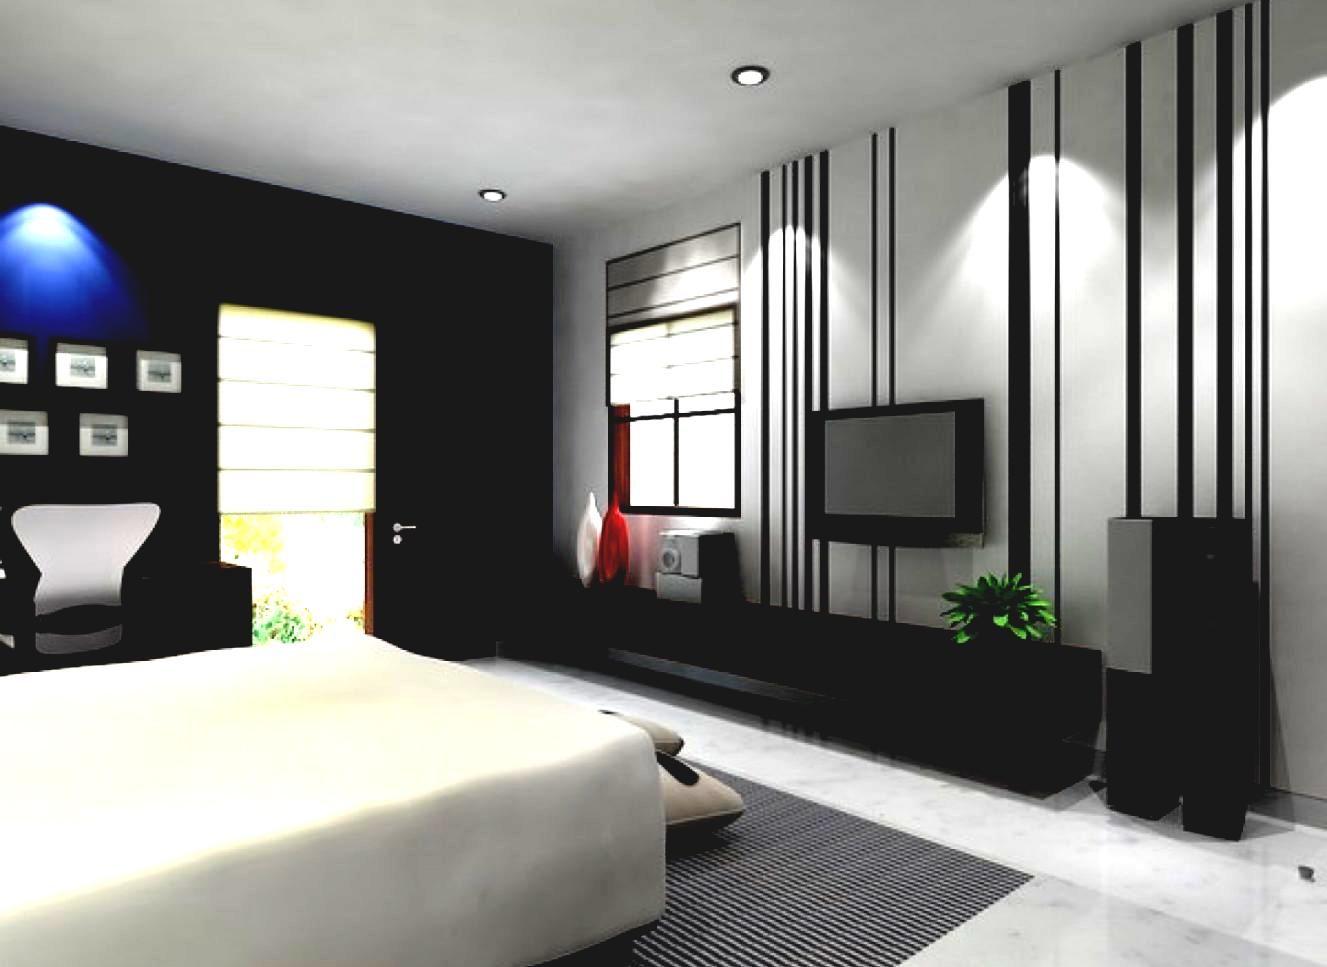 Master Bedroom Modern Design Ideas small modern bedroom design ideas | internal decoration design